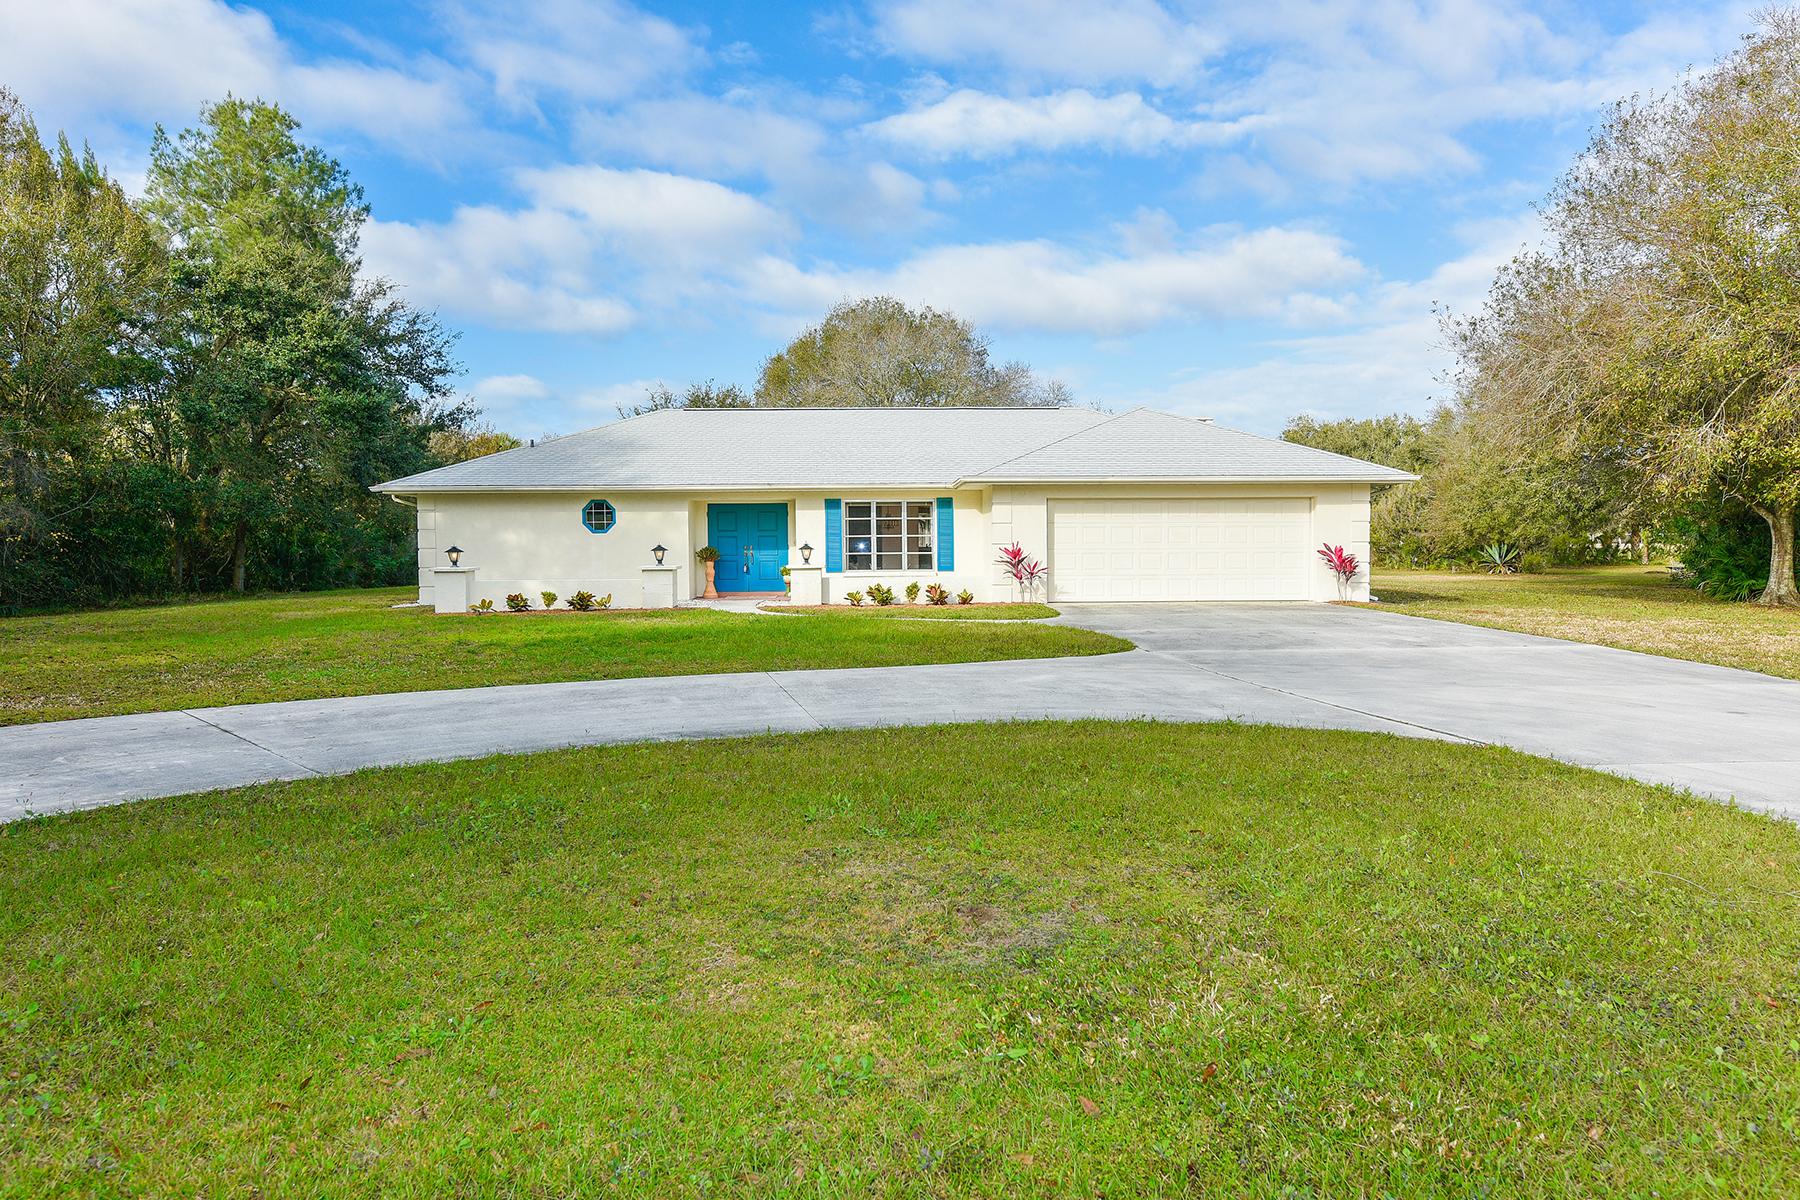 独户住宅 为 销售 在 VENICE ACRES 1323 Guardian Dr 威尼斯, 佛罗里达州, 34292 美国